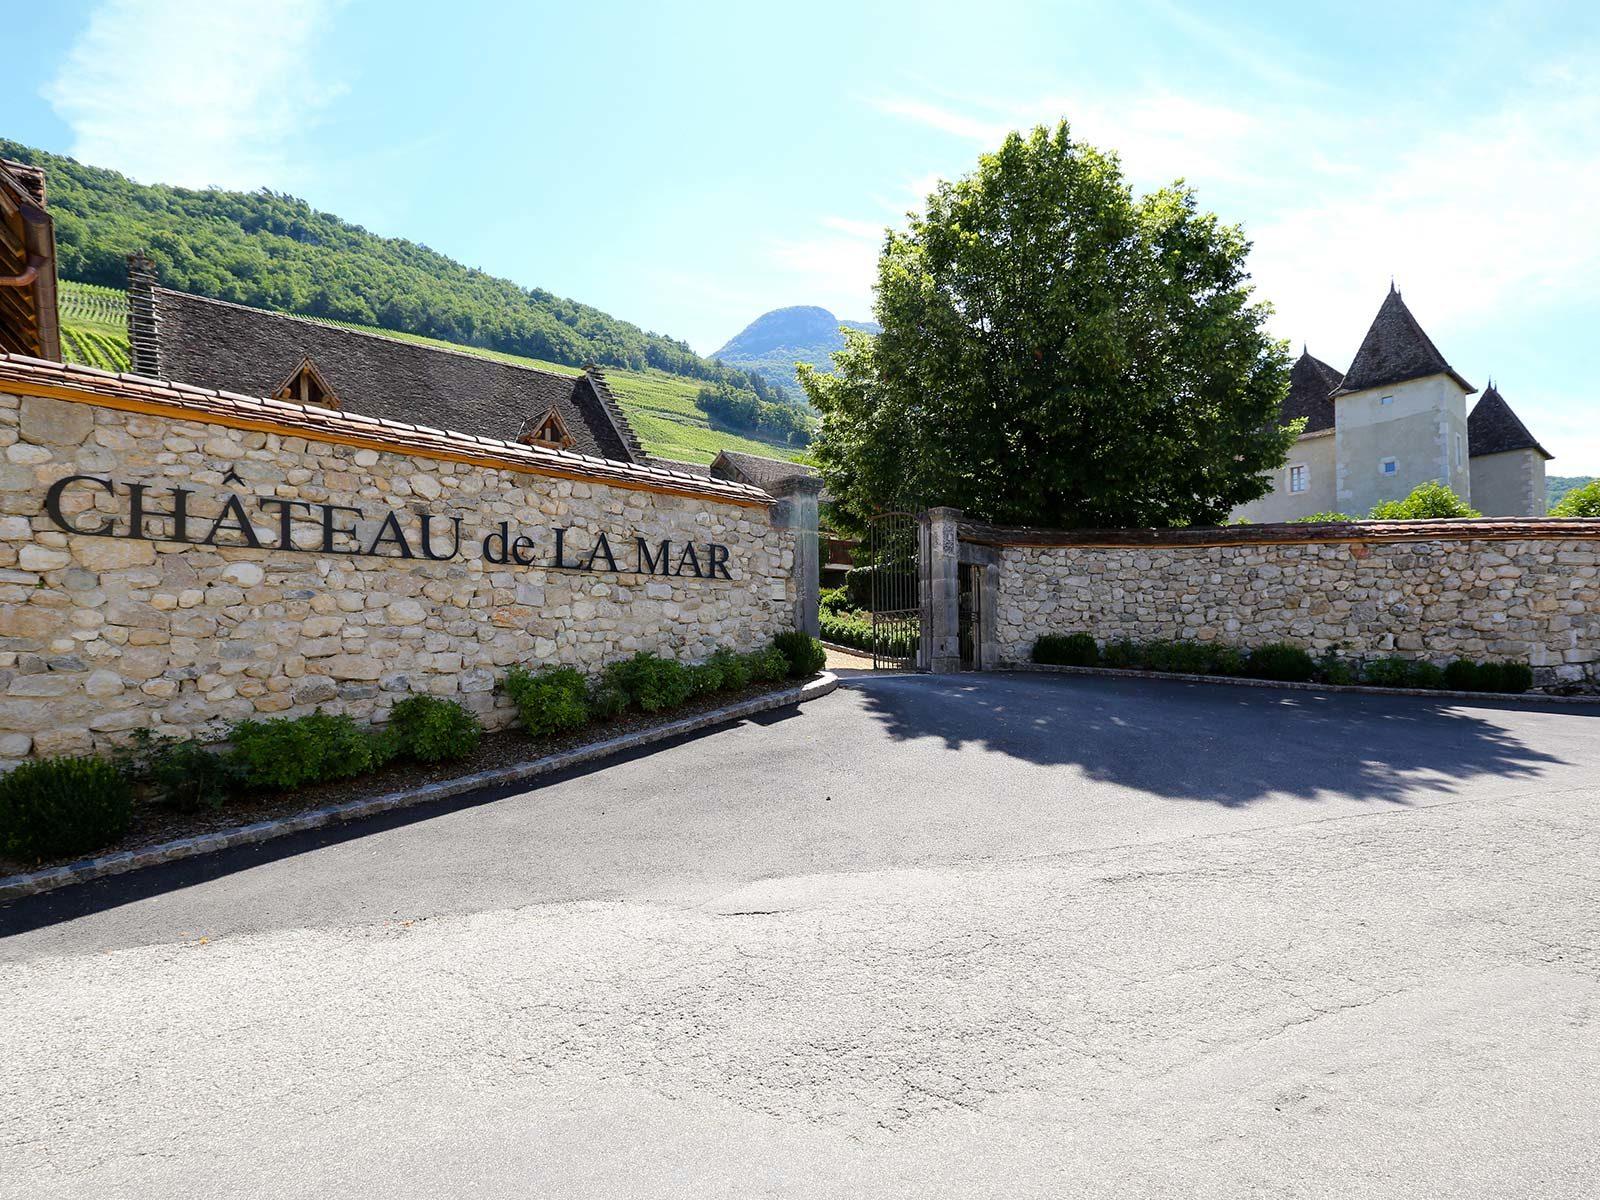 Entrée du Château de La Mar Savoie